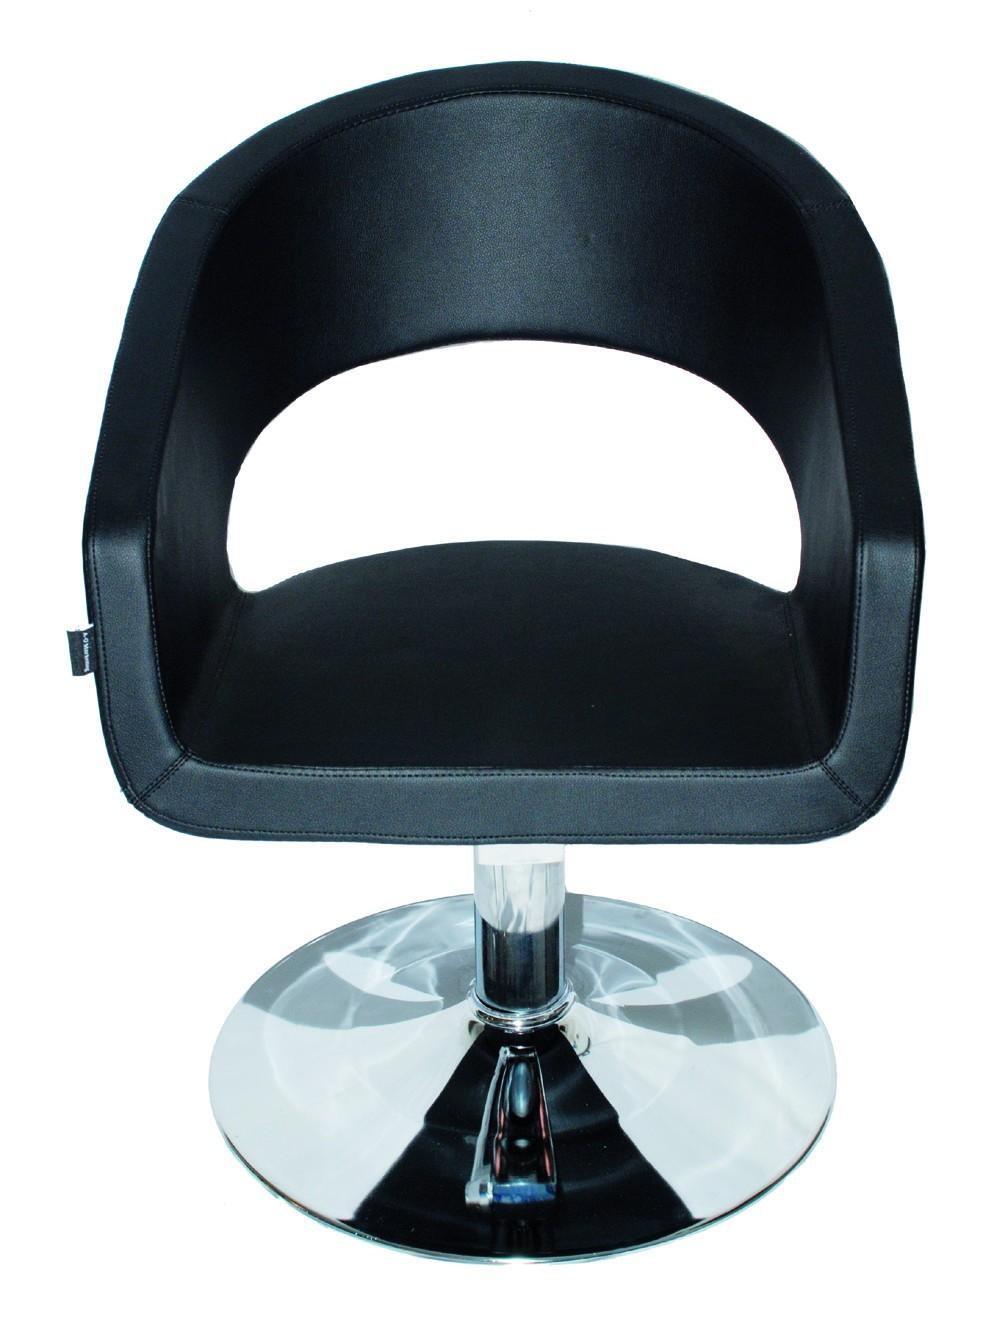 """כיסא לקוח הידראולי דגם 8821. בוכנה גבוהה. אחריות שנתיים על הבוכנה. מחיר לא כולל מע""""מ ולא כולל הובלה."""